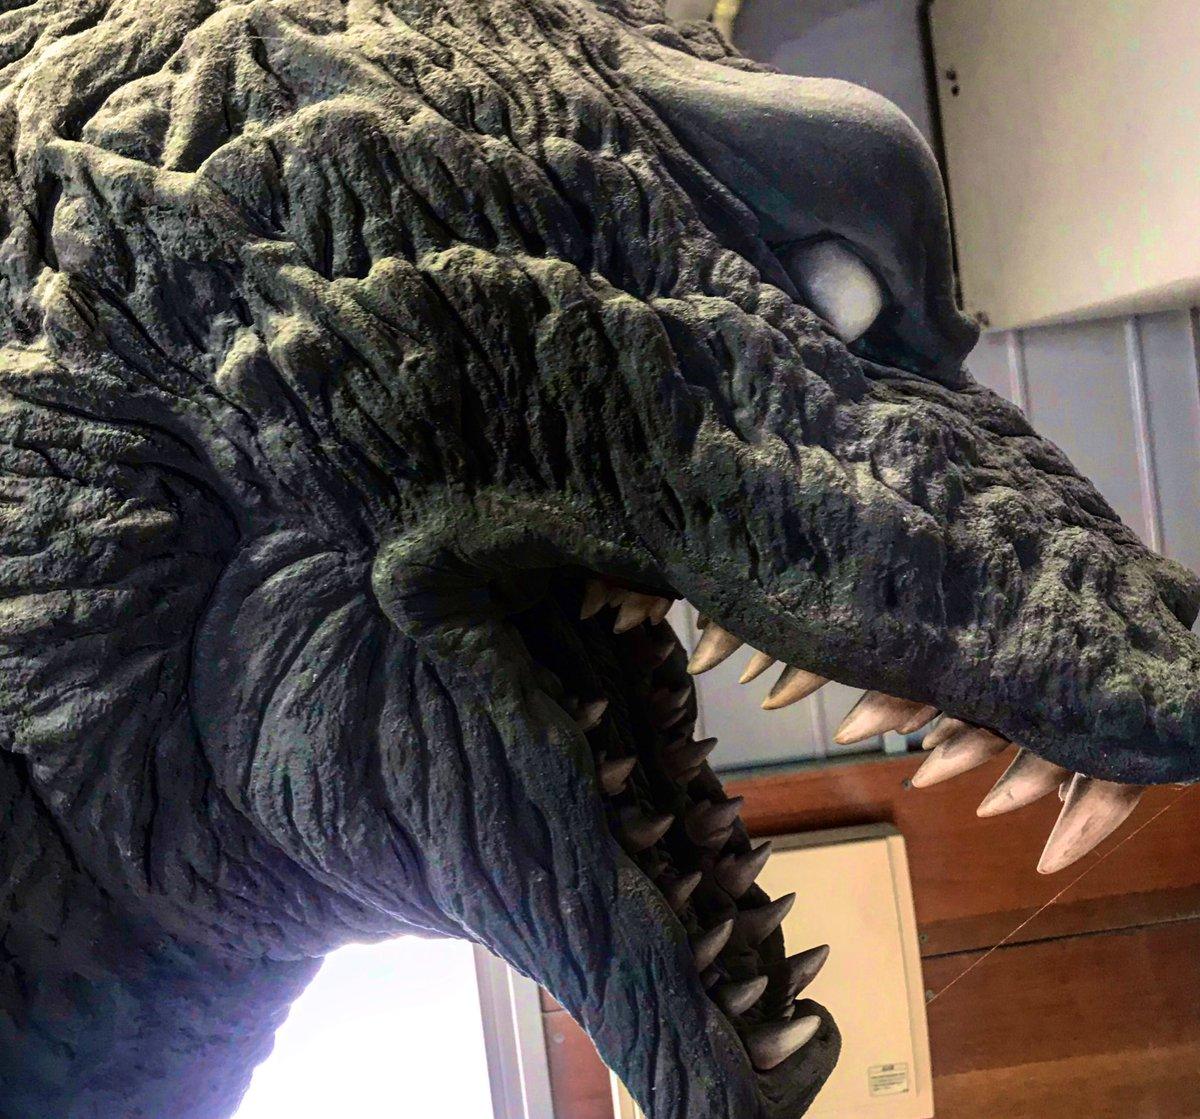 「怪獣作品は埃をかぶることによって真の完成となるのである。」とか言っとらんで工房掃除せんとな〜ゴジラの頭黄土色になってるし。